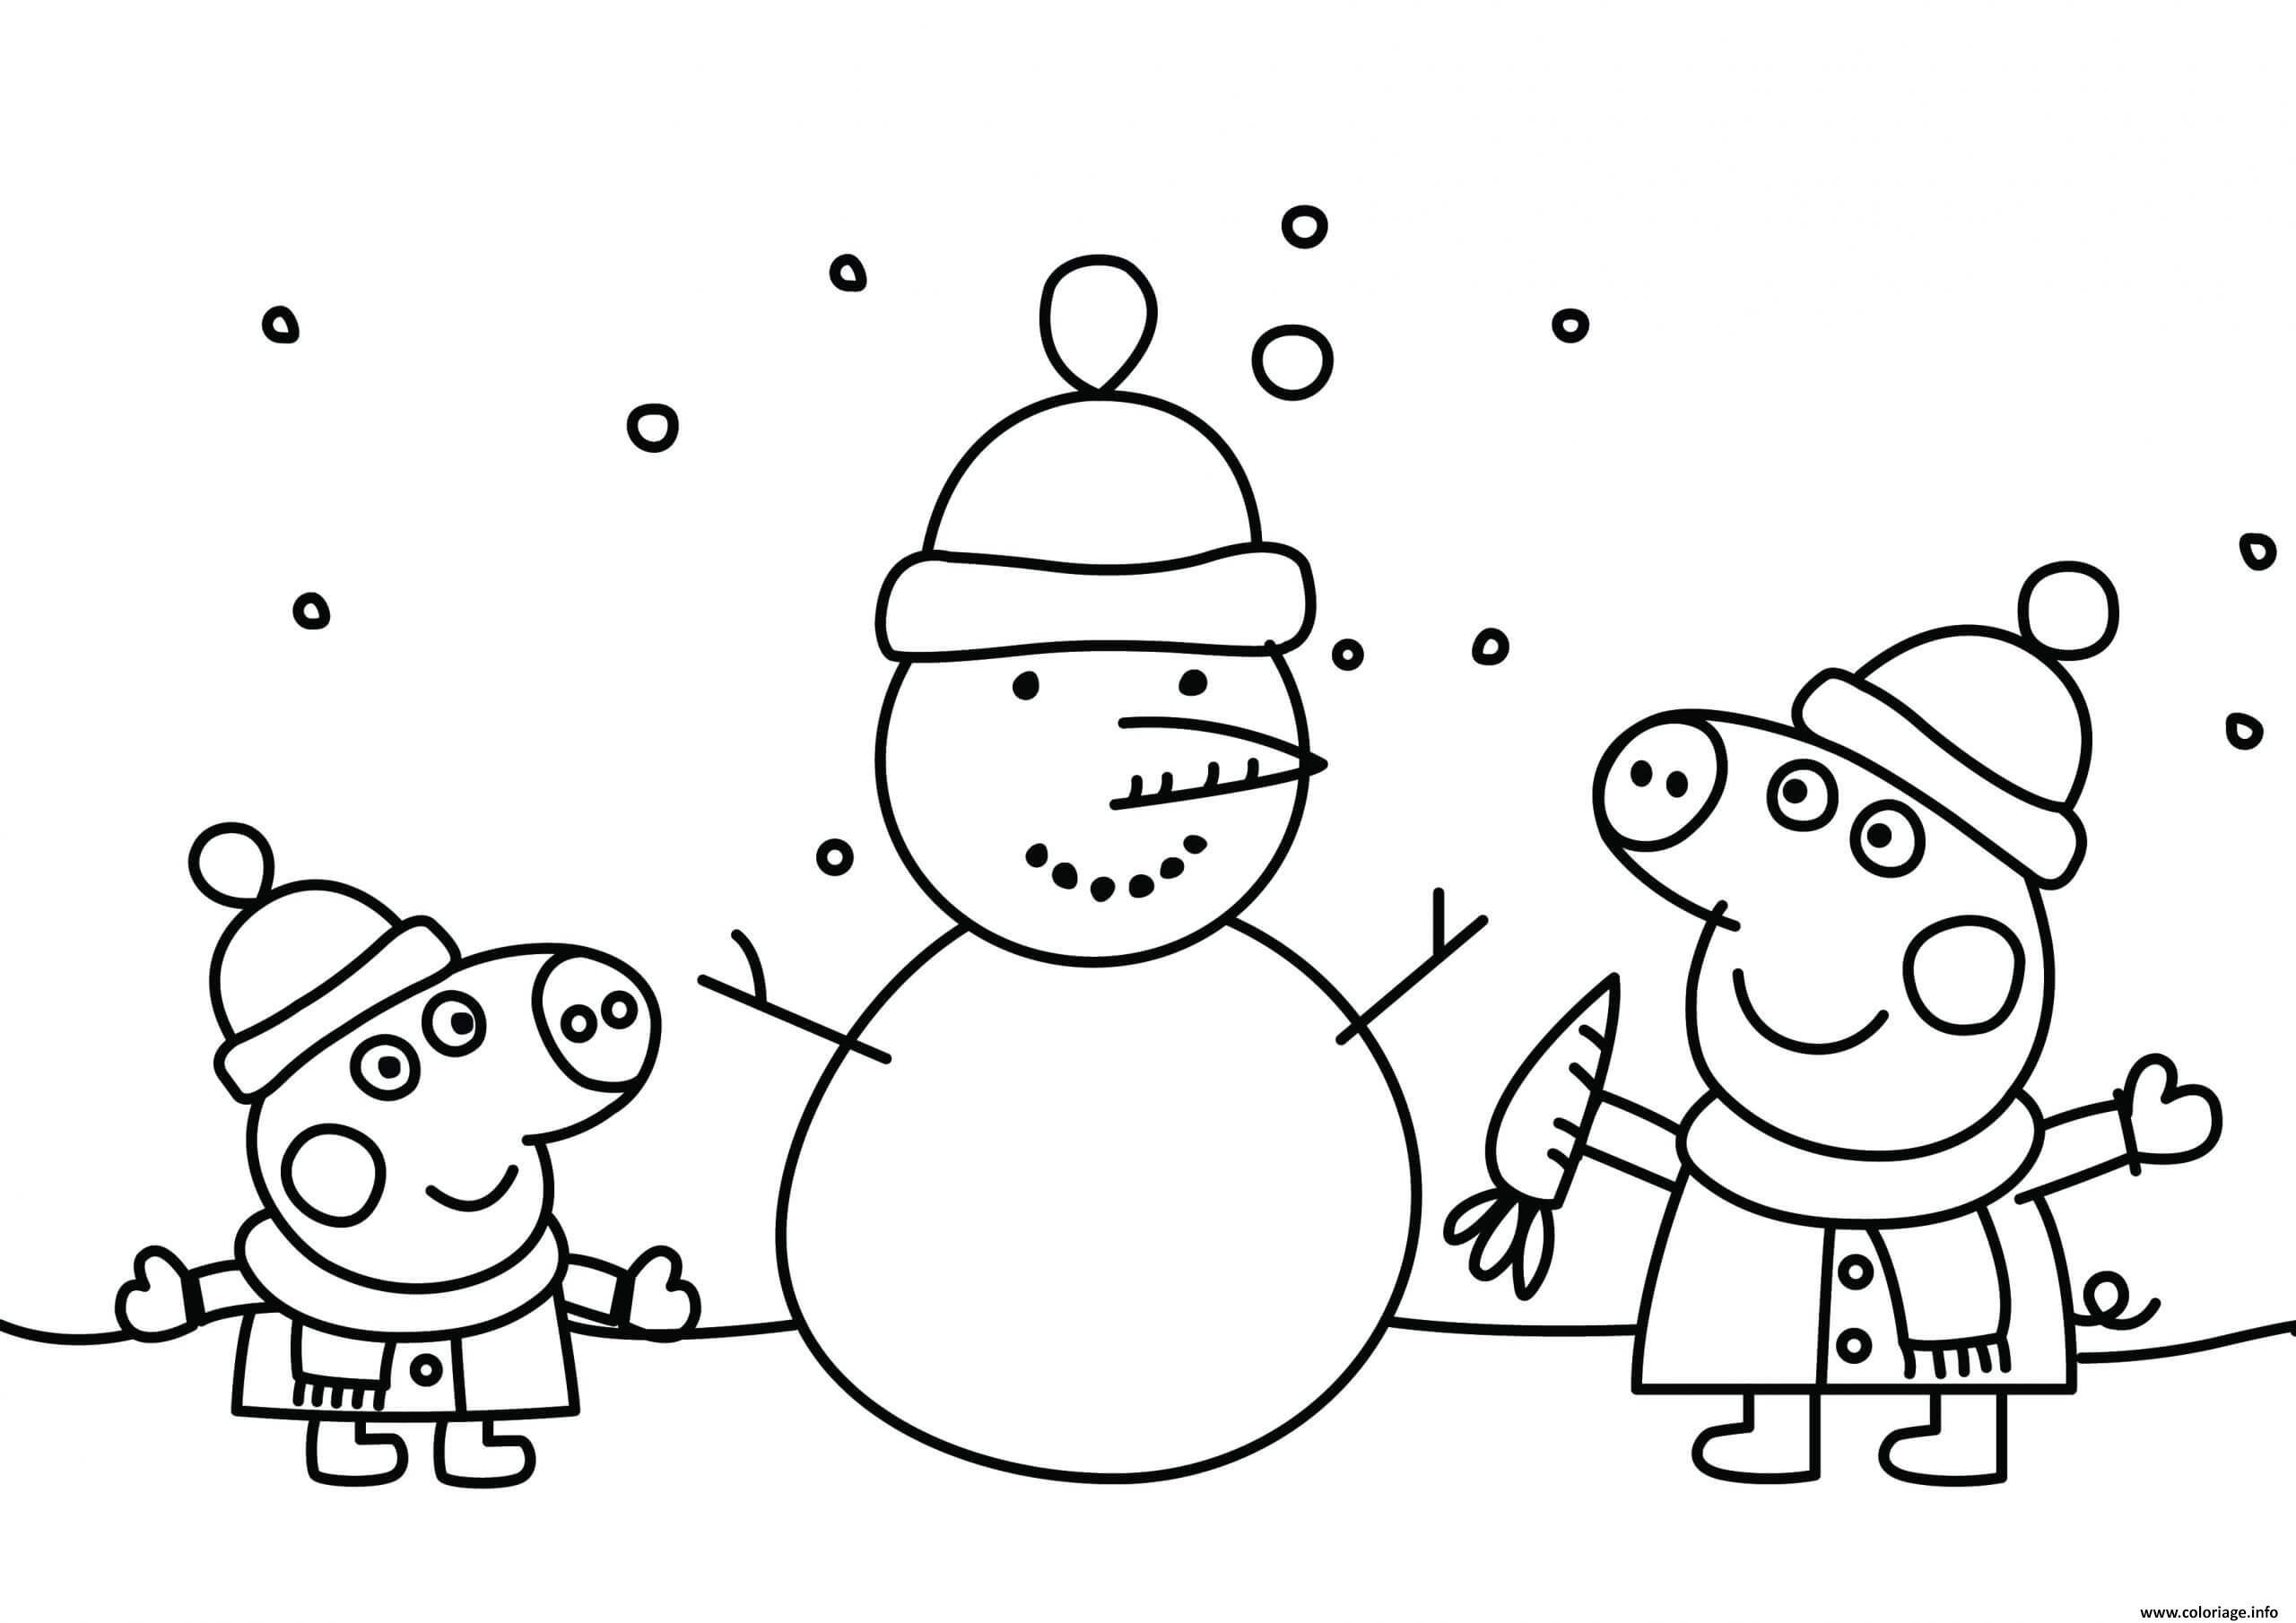 Dessin peppa pig noel font un bonhomme de neige Coloriage Gratuit à Imprimer